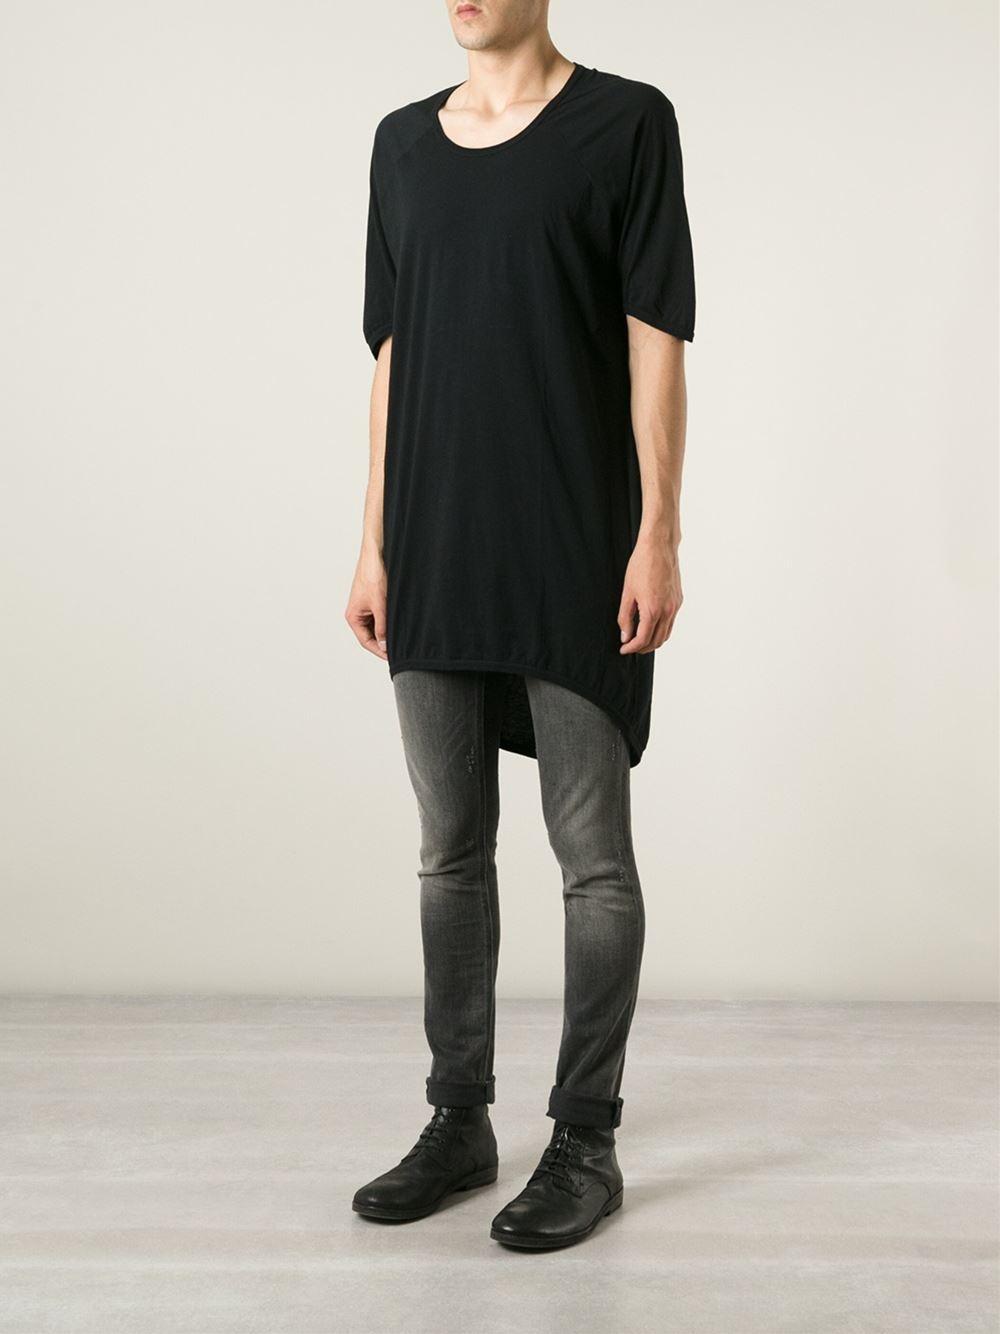 Lyst - Boris Bidjan Saberi Back Print Long T-shirt in Black for Men 5d0c6ab9b33